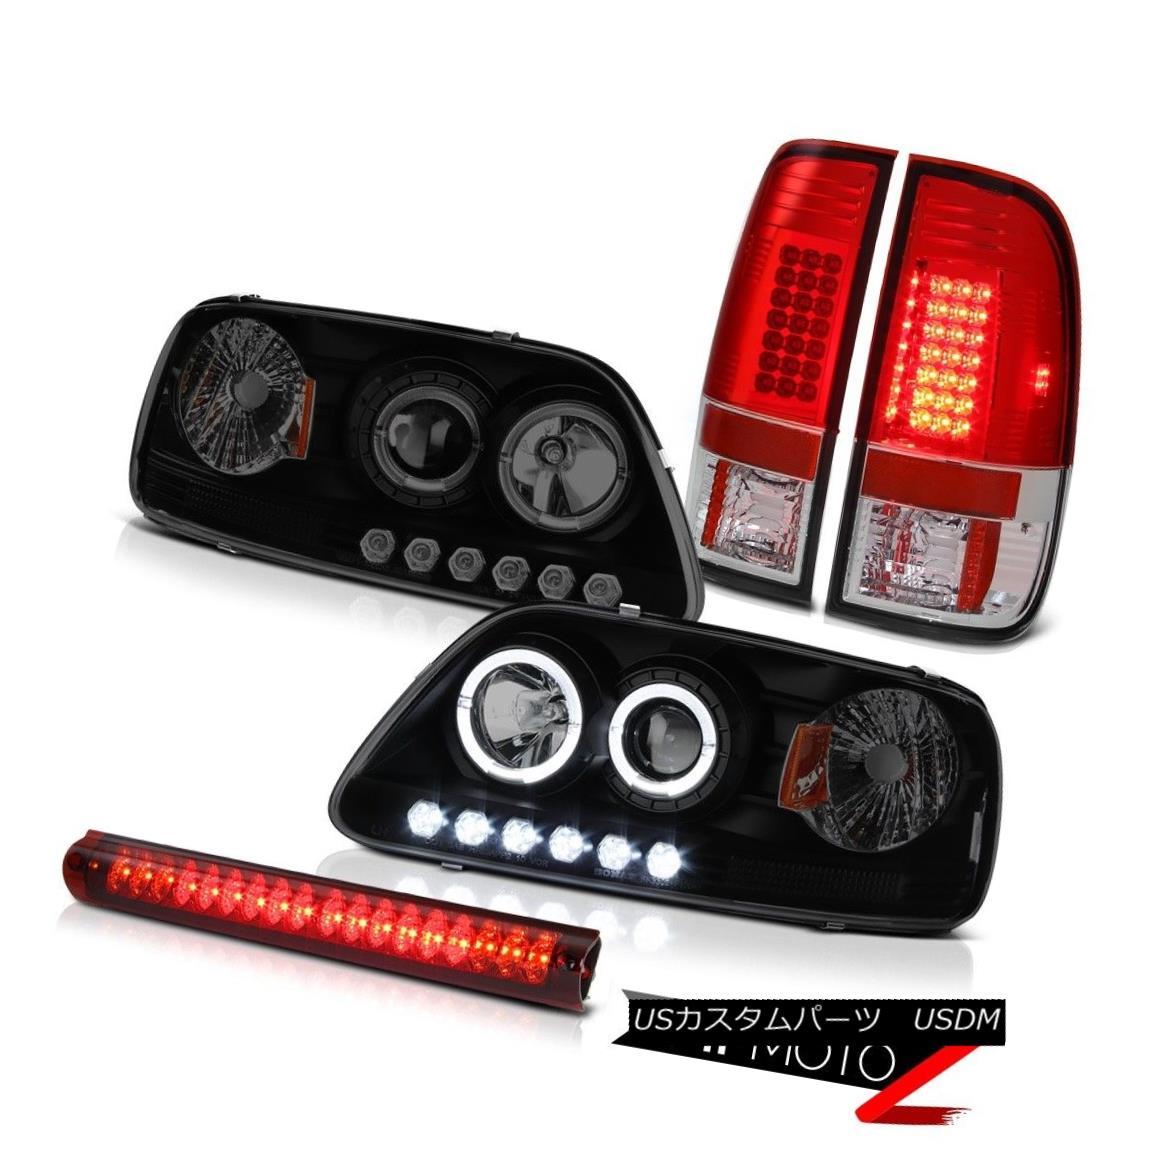 ヘッドライト LED Projector DRL Headlight 97-03 F150 Supercharged S.M.D Tail Lights Brake Lamp LEDプロジェクターDRLヘッドライト97-03 F150スーパーチャージS.M.Dテールライトブレーキランプ